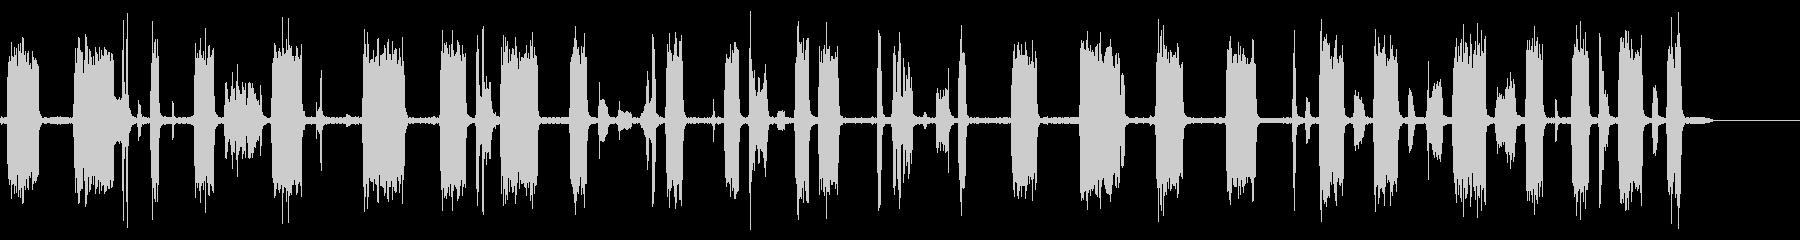 テレビスキャン2で調整するの未再生の波形